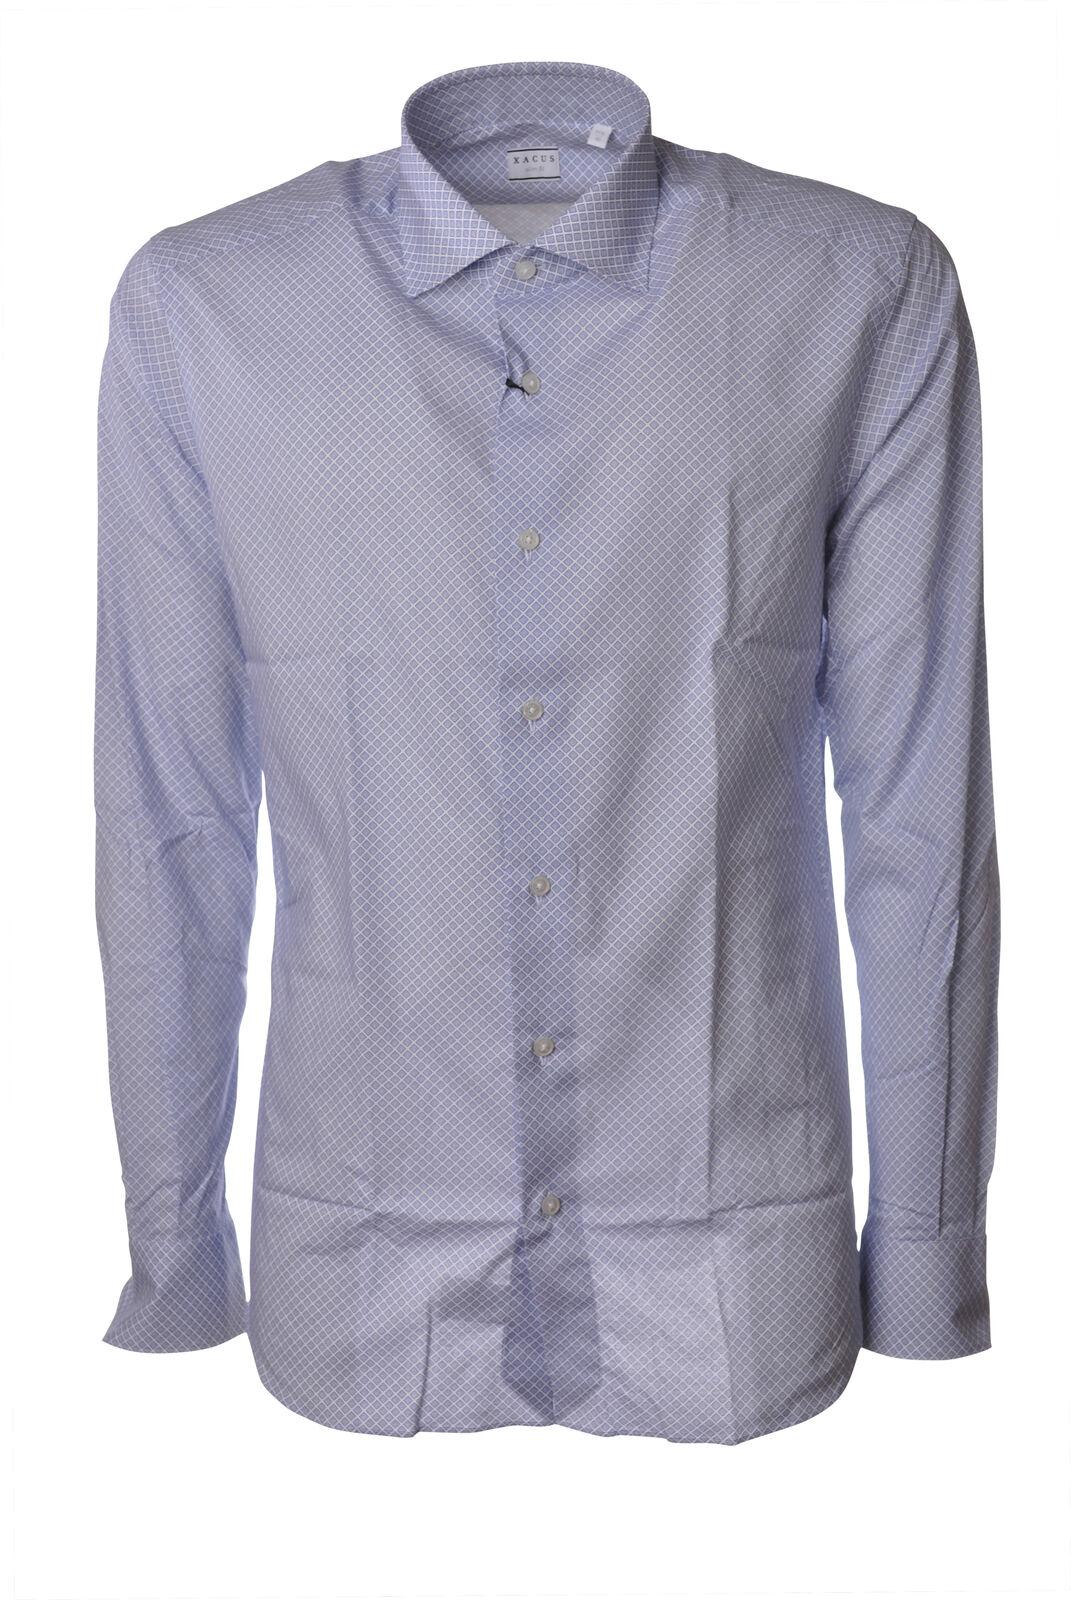 Xacus - Blusen-Shirt - Mann - Fantasie - 5248913L184557